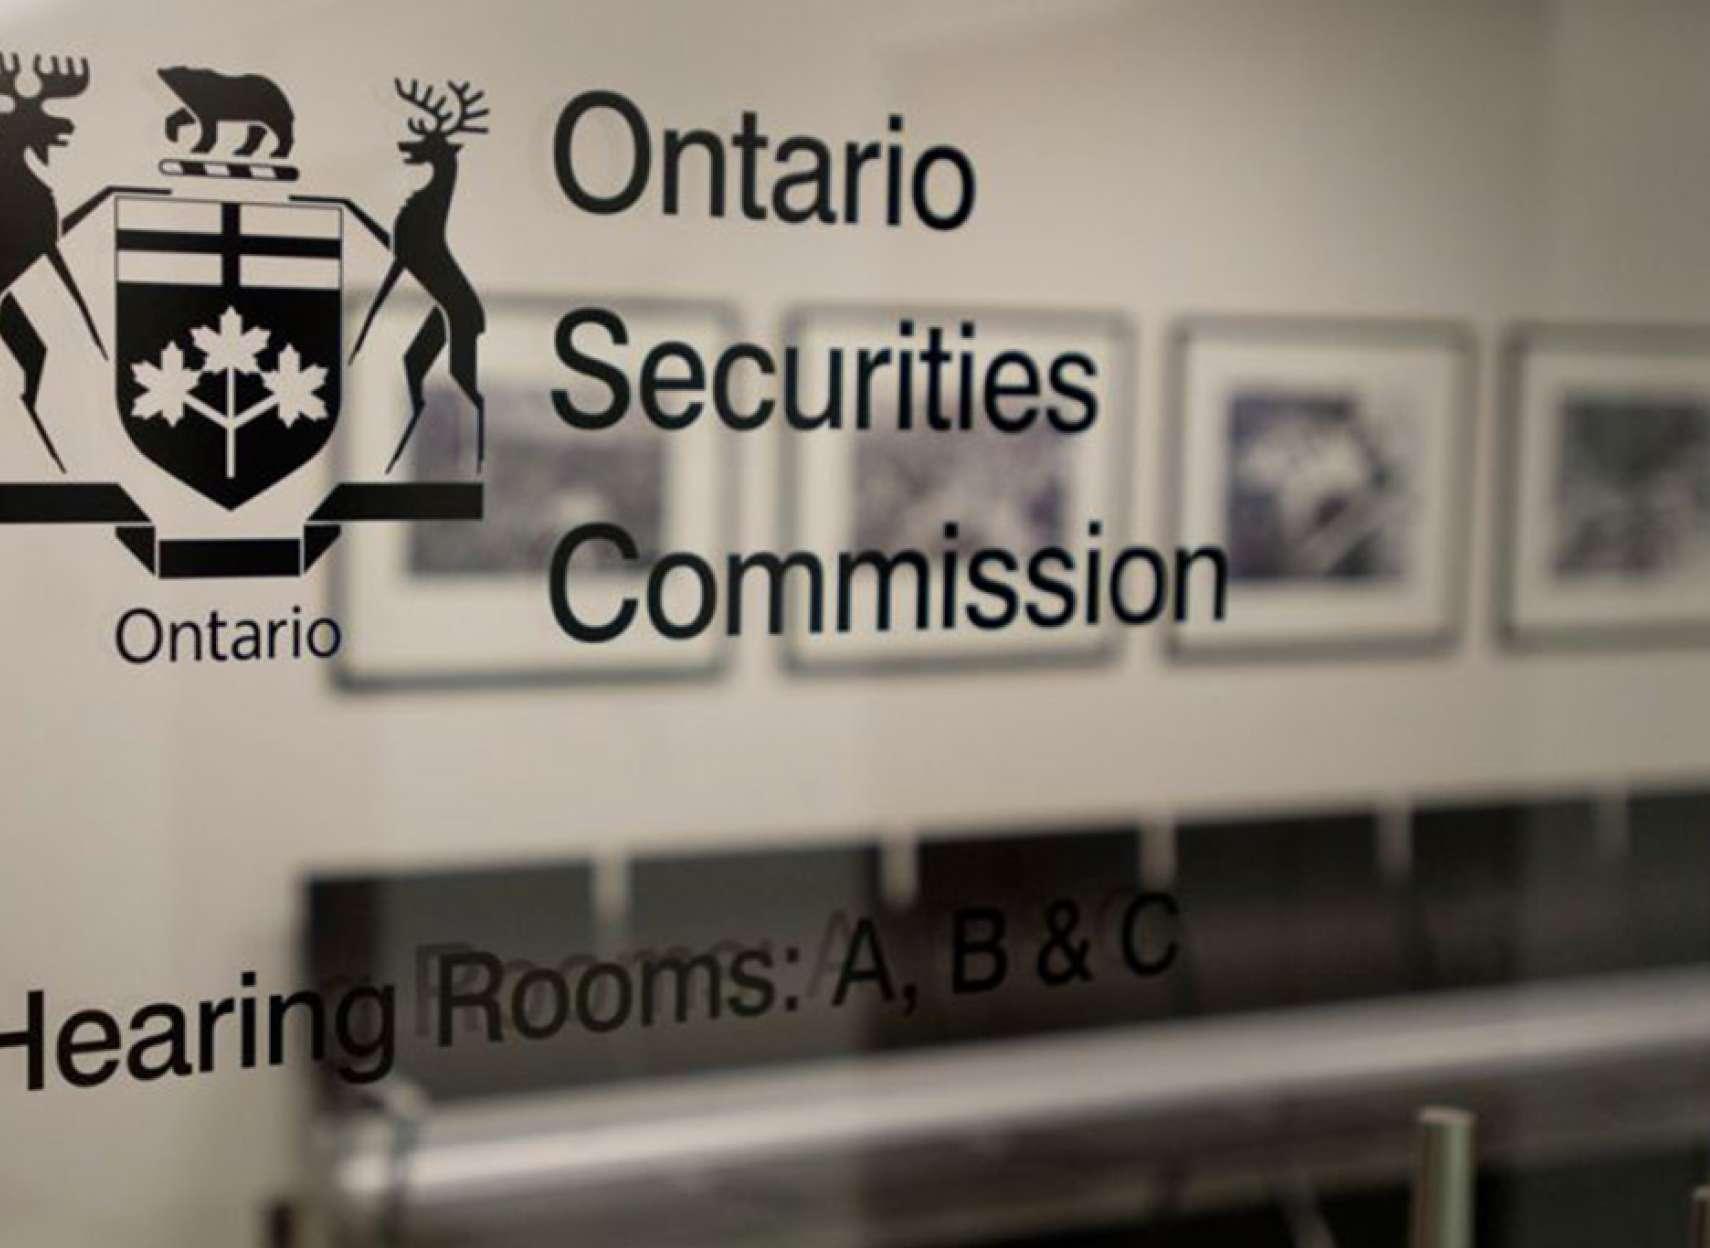 اخبار-کانادا-بانکهای-بزرگ-کانادا-خارج-دادگاه-به-توافق-میرسند